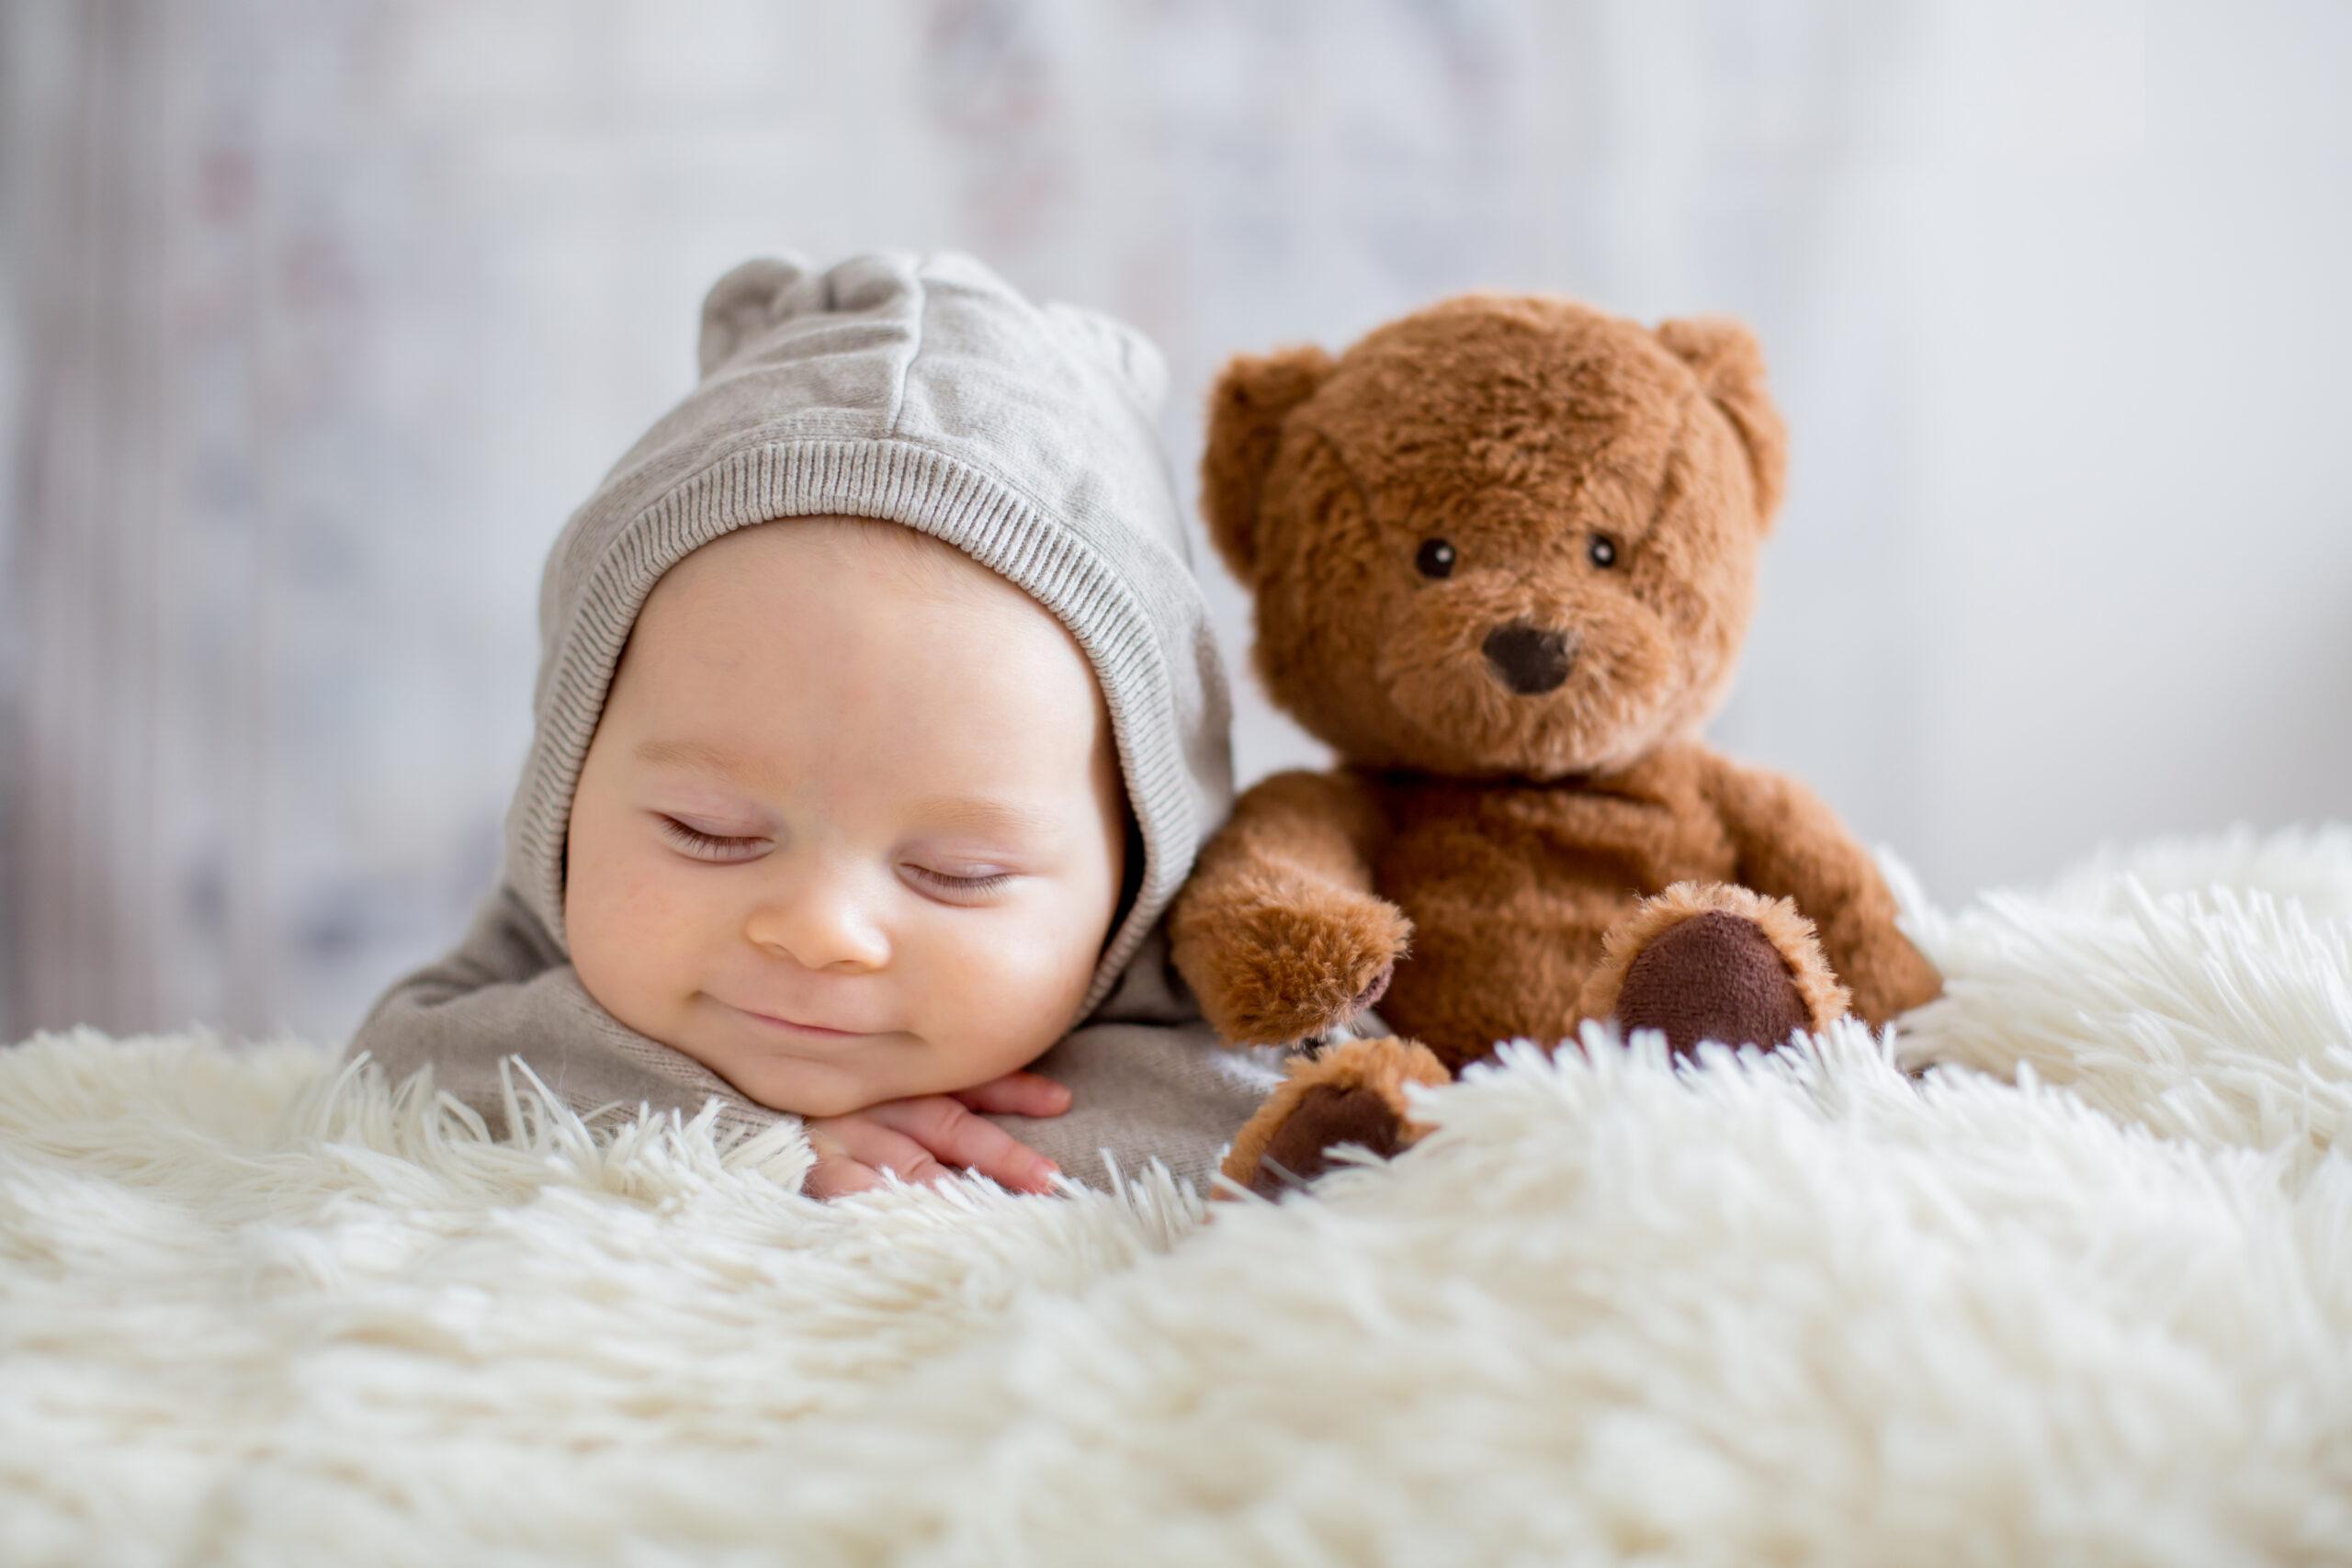 Somnul bebelușului: totul pentru siguranța lui